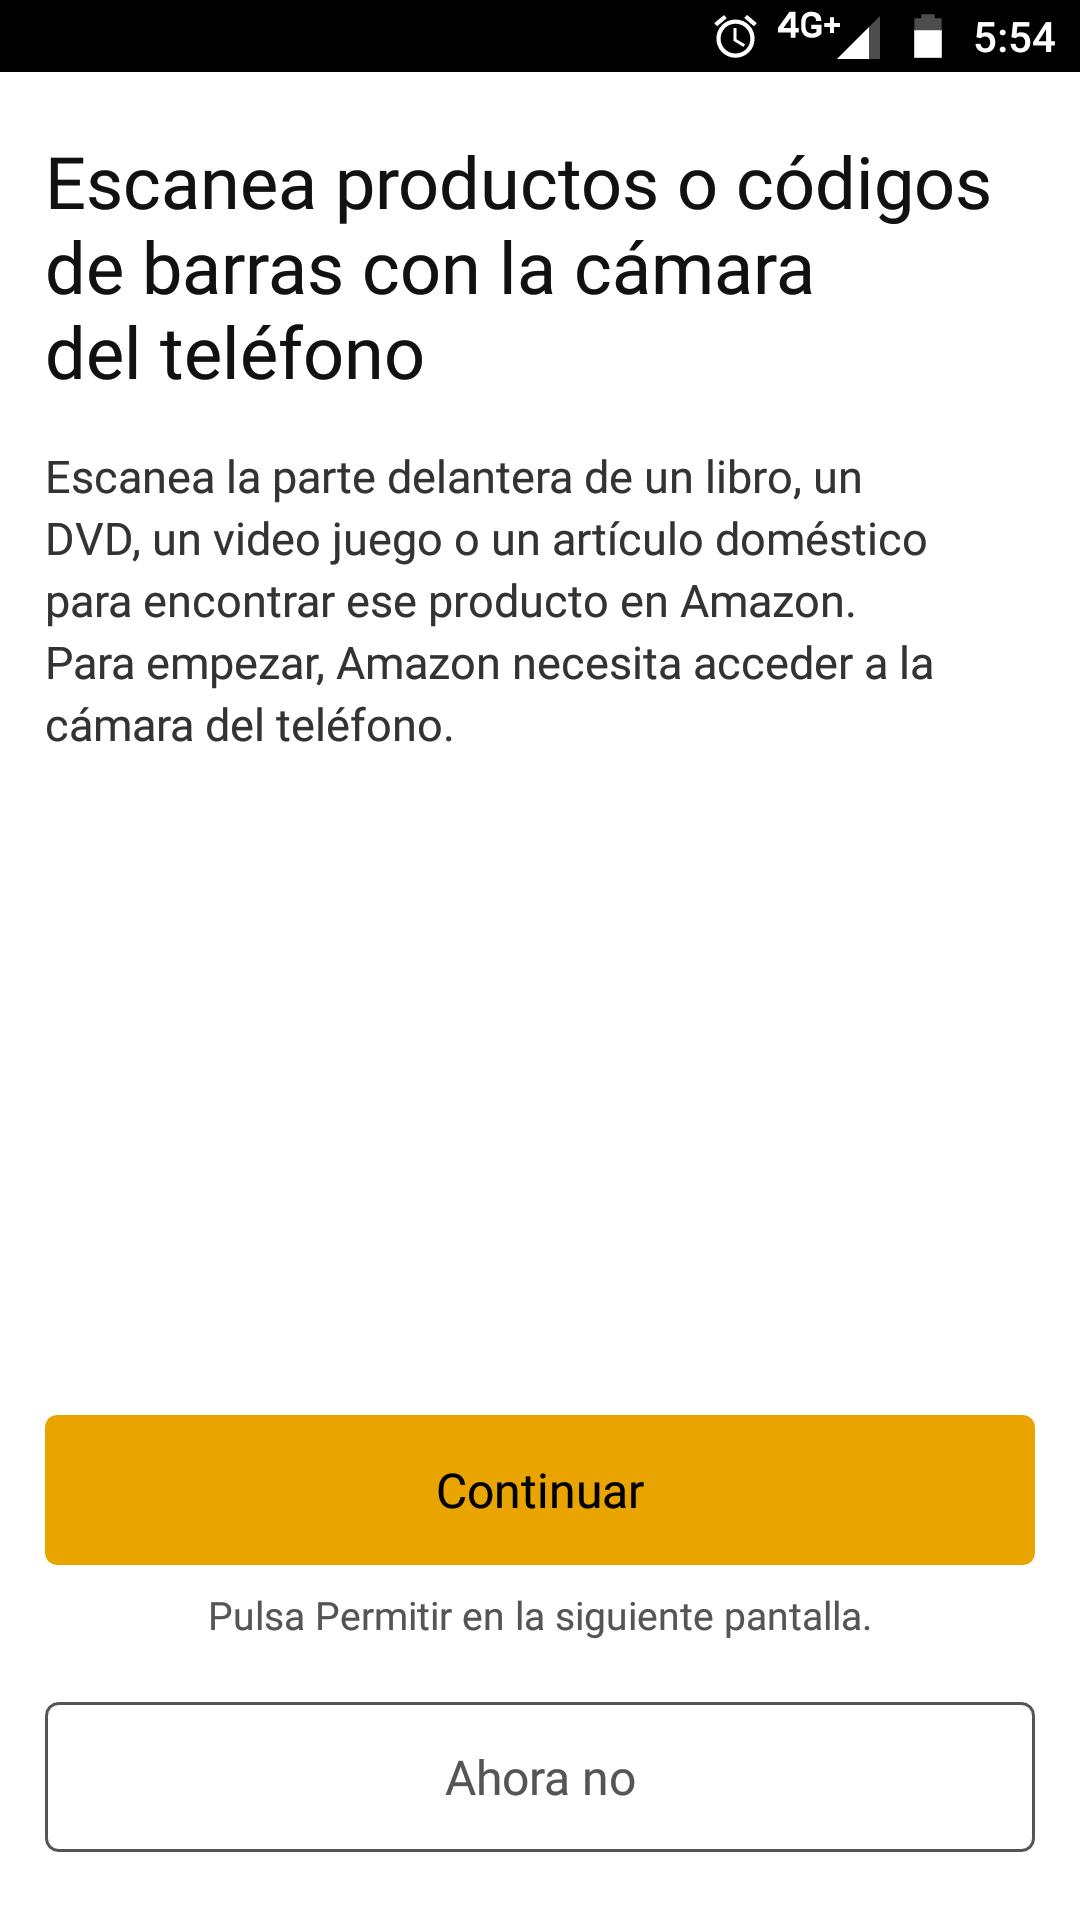 Amazon USA: Cupón de 5 dolares en la app